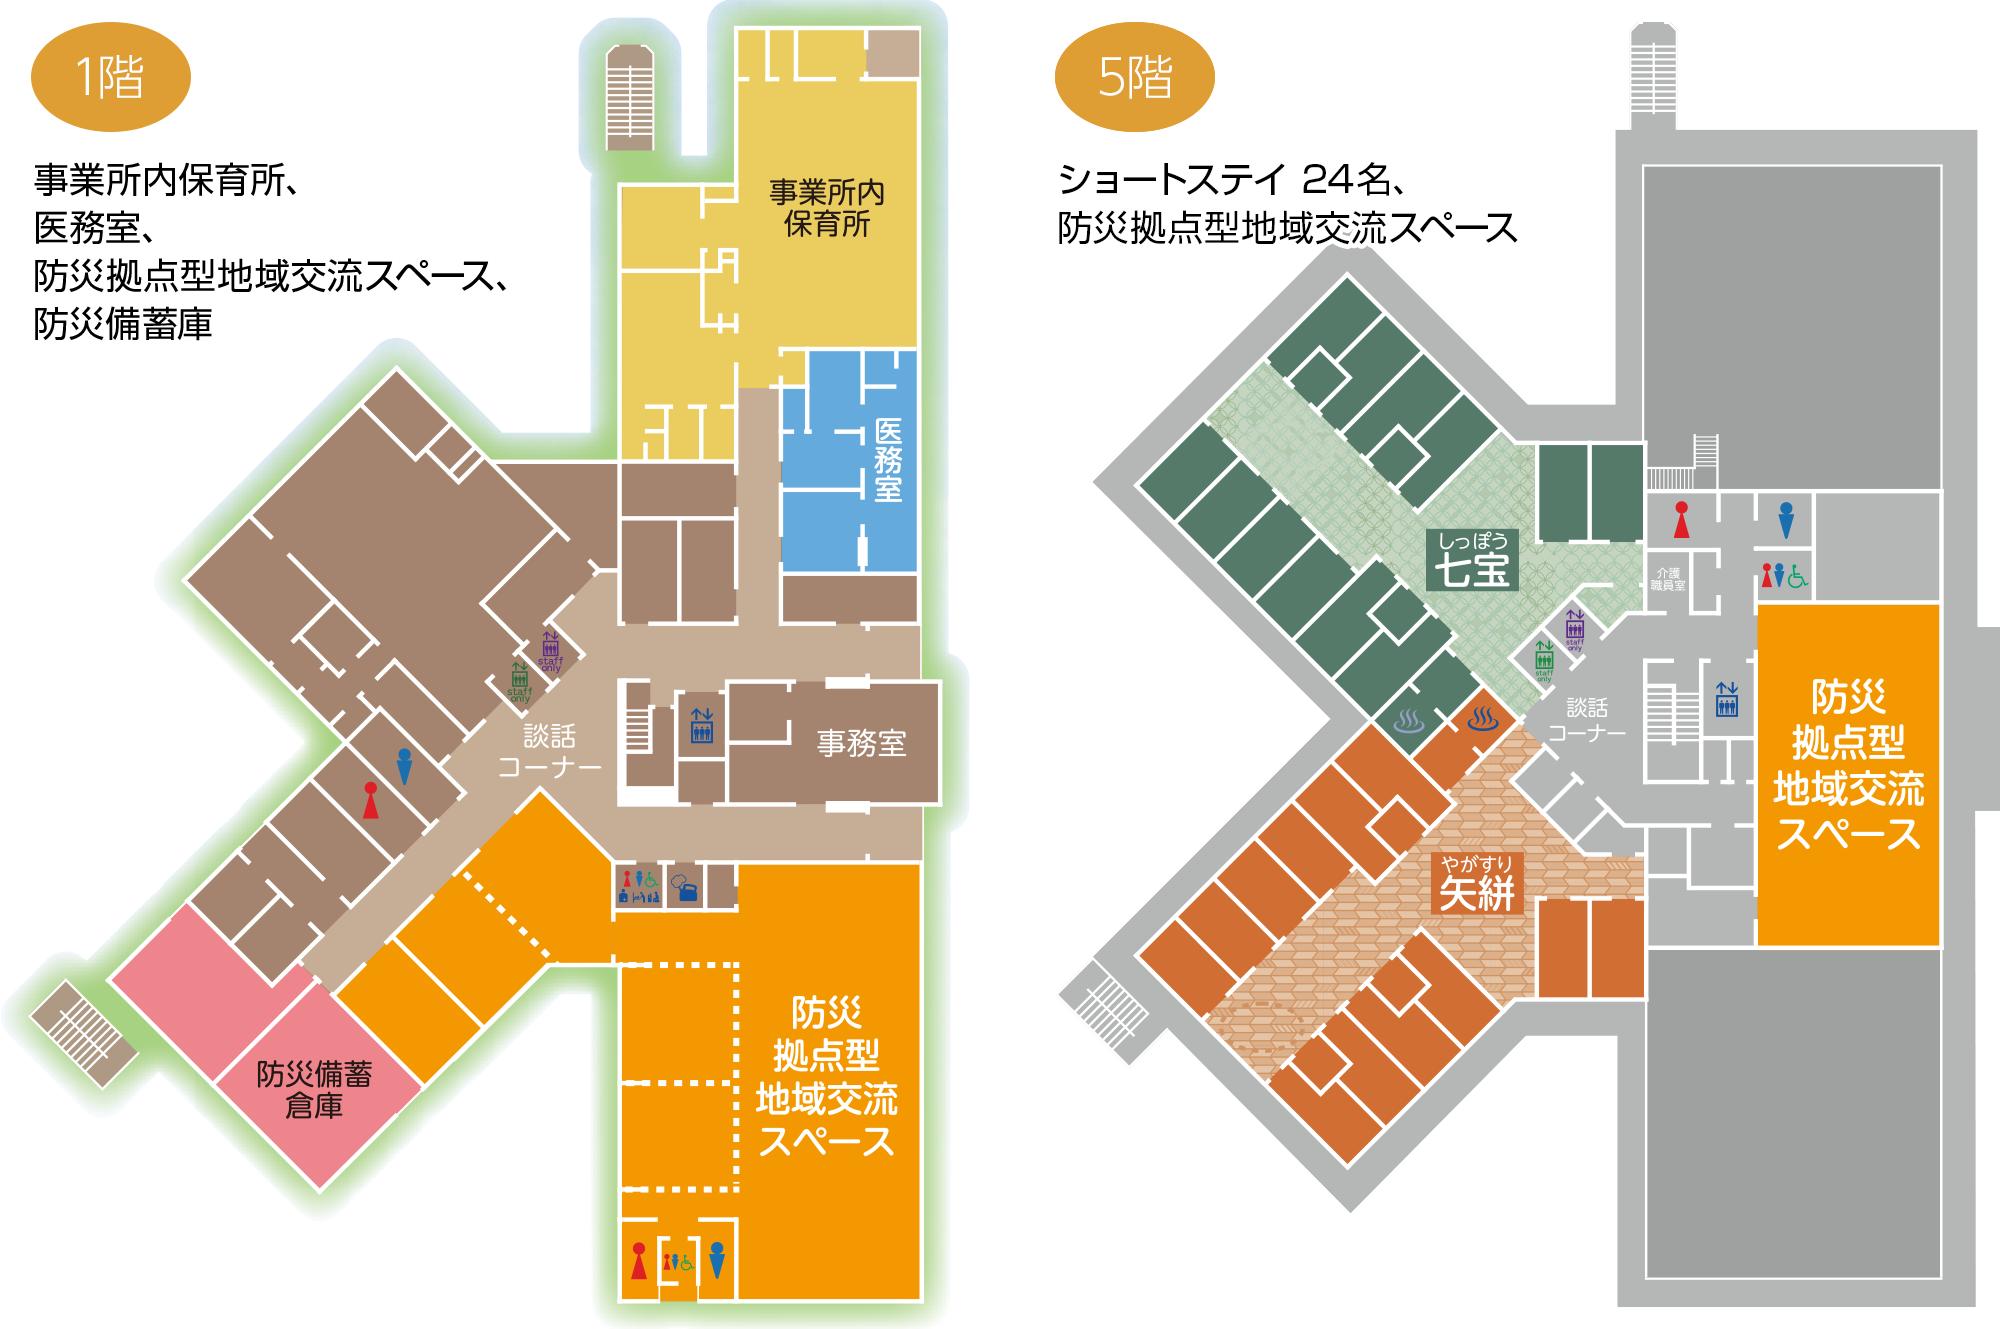 フロアマップ1階5階